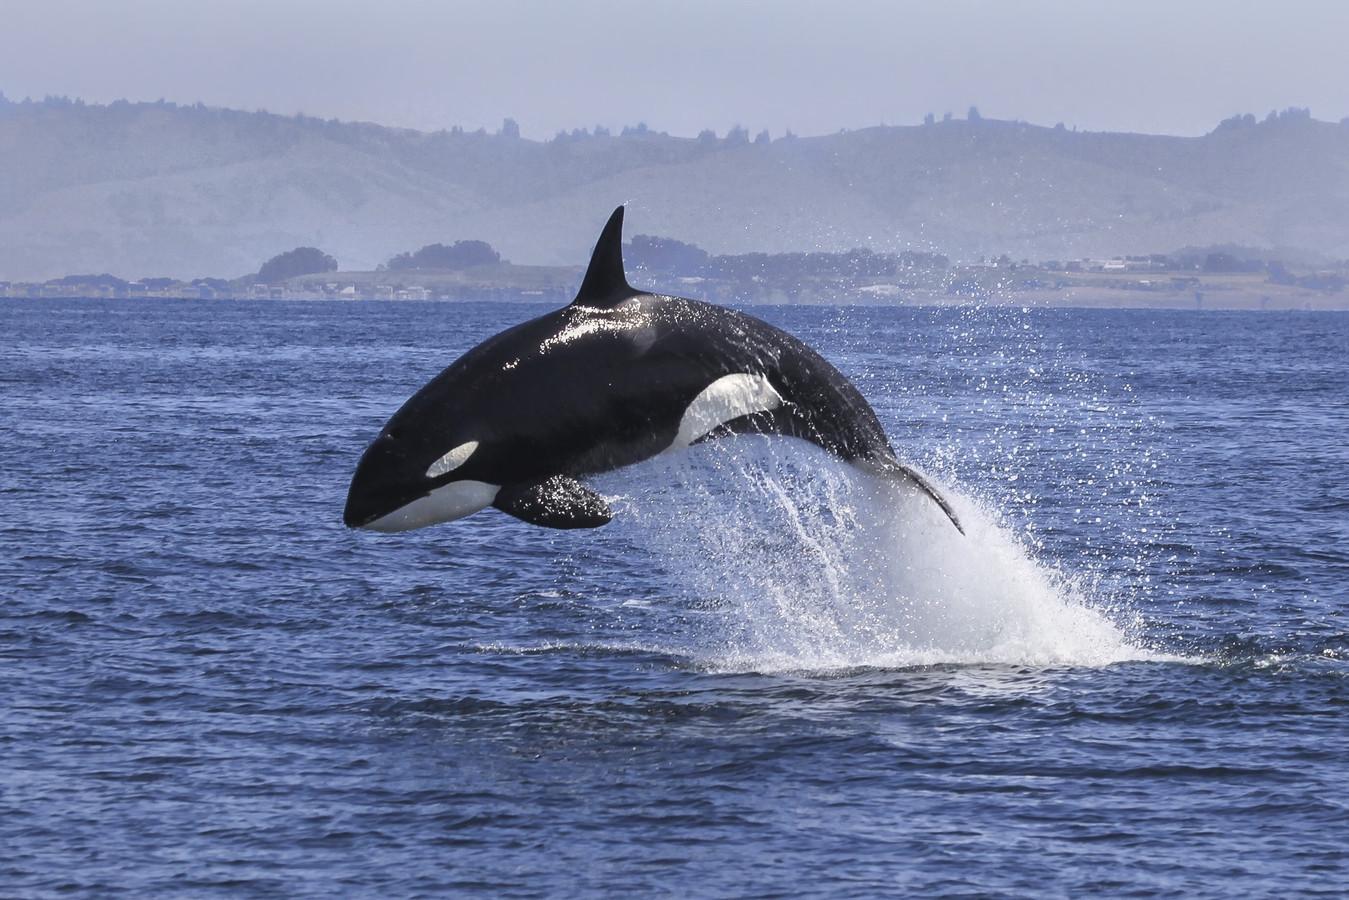 Een volwassen orka kan zo'n 6000 kilo wegen en deinst niet terug voor een witte haai.